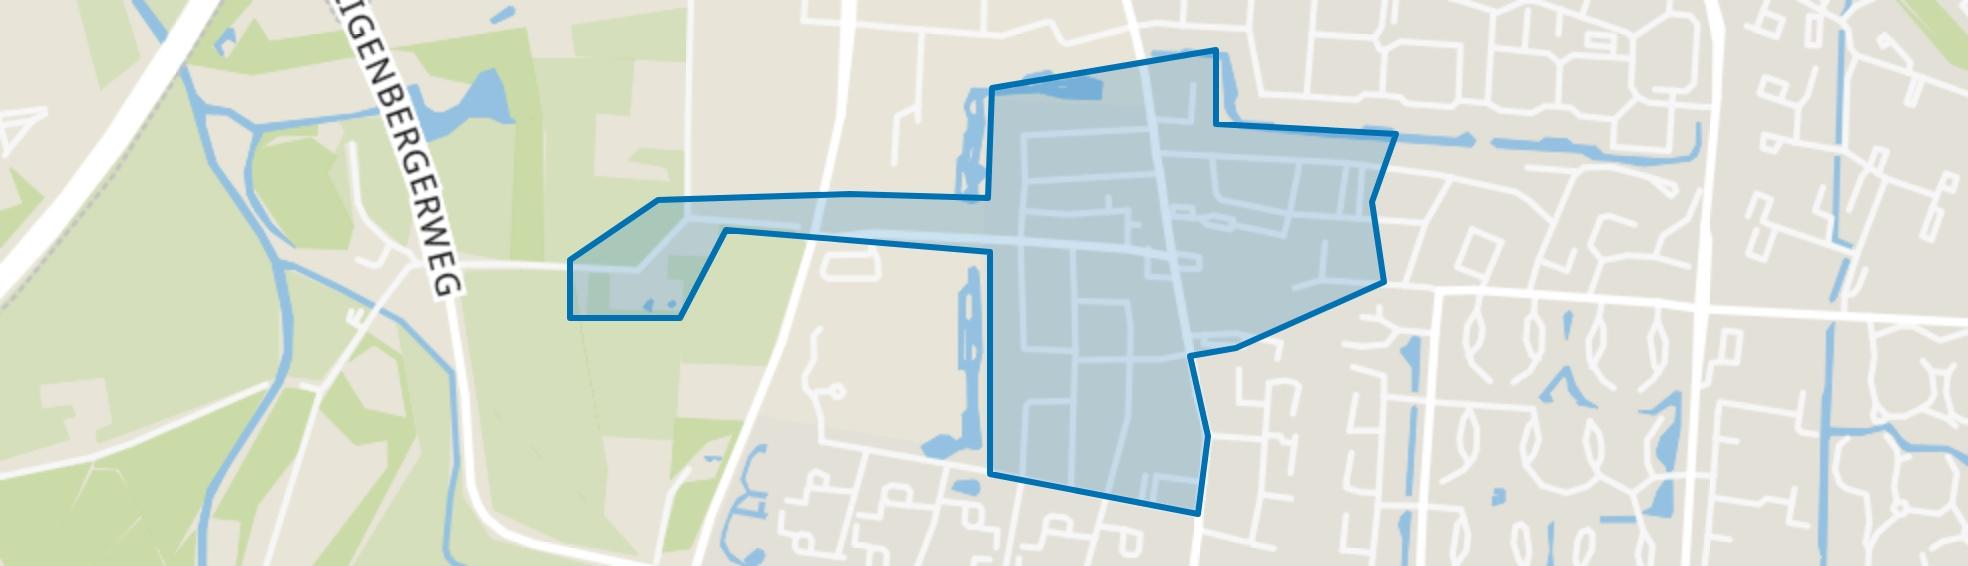 Hamersveld-Oud, Leusden map